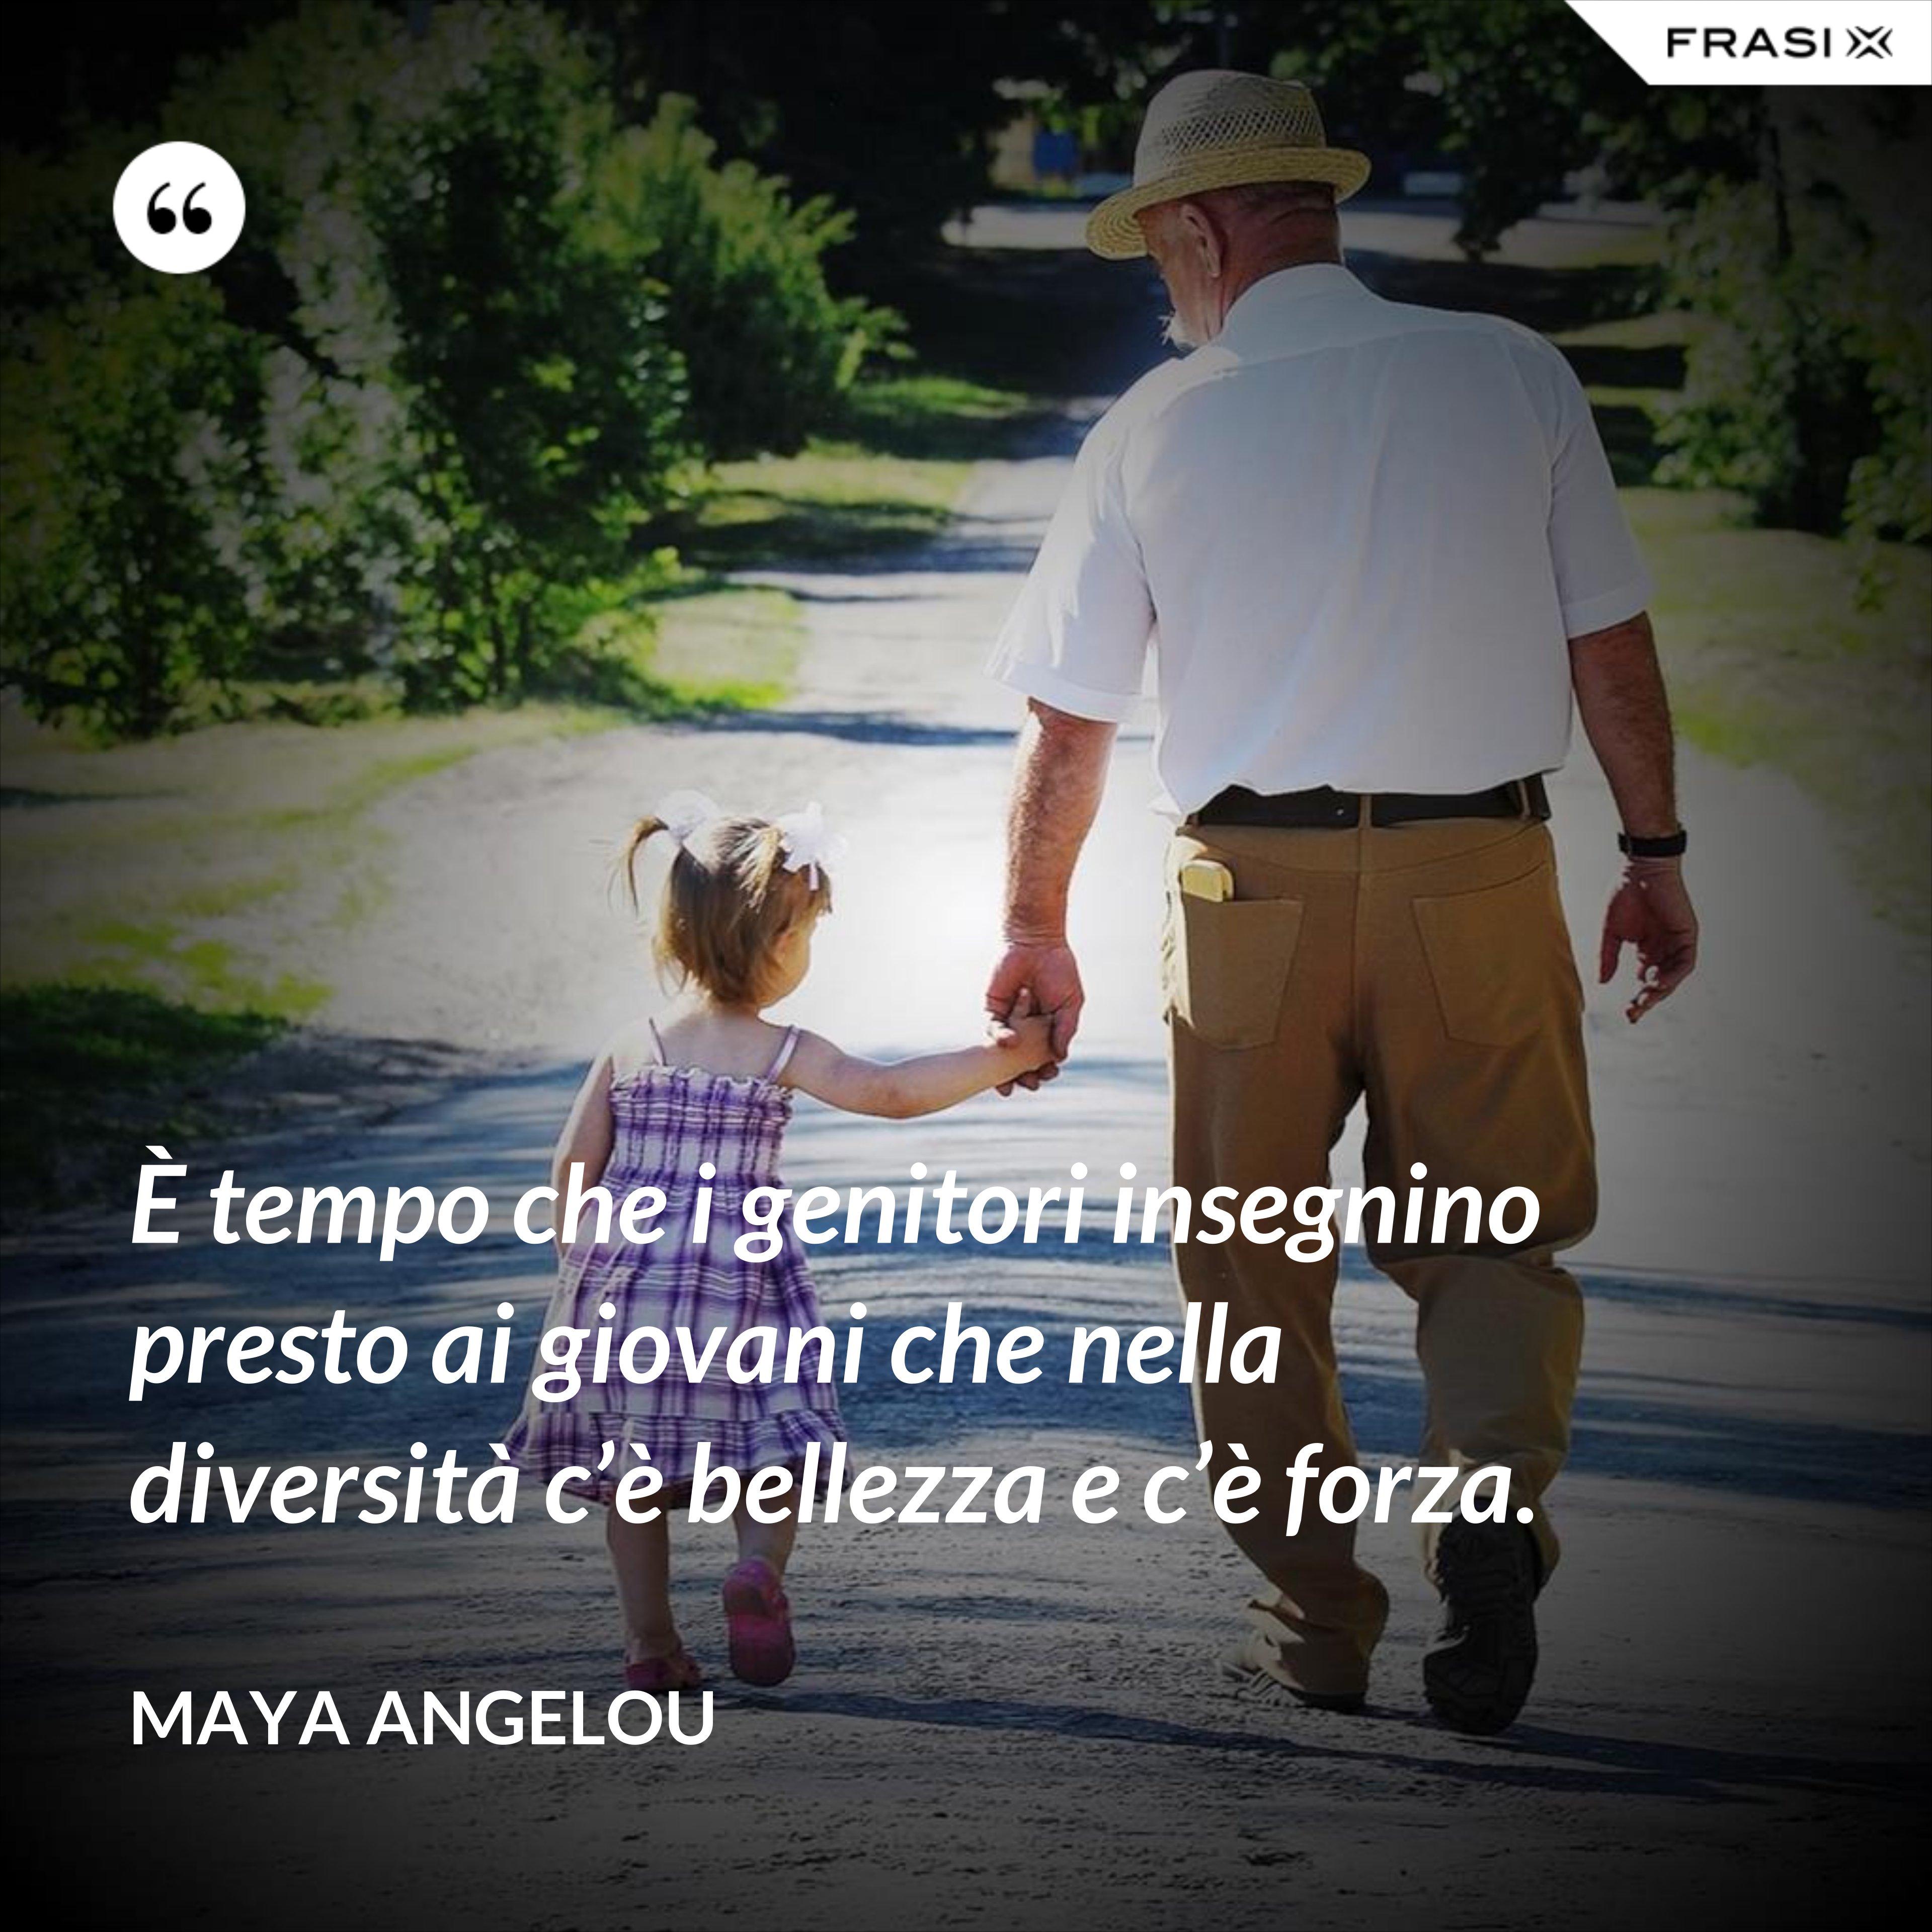 È tempo che i genitori insegnino presto ai giovani che nella diversità c'è bellezza e c'è forza. - Maya Angelou